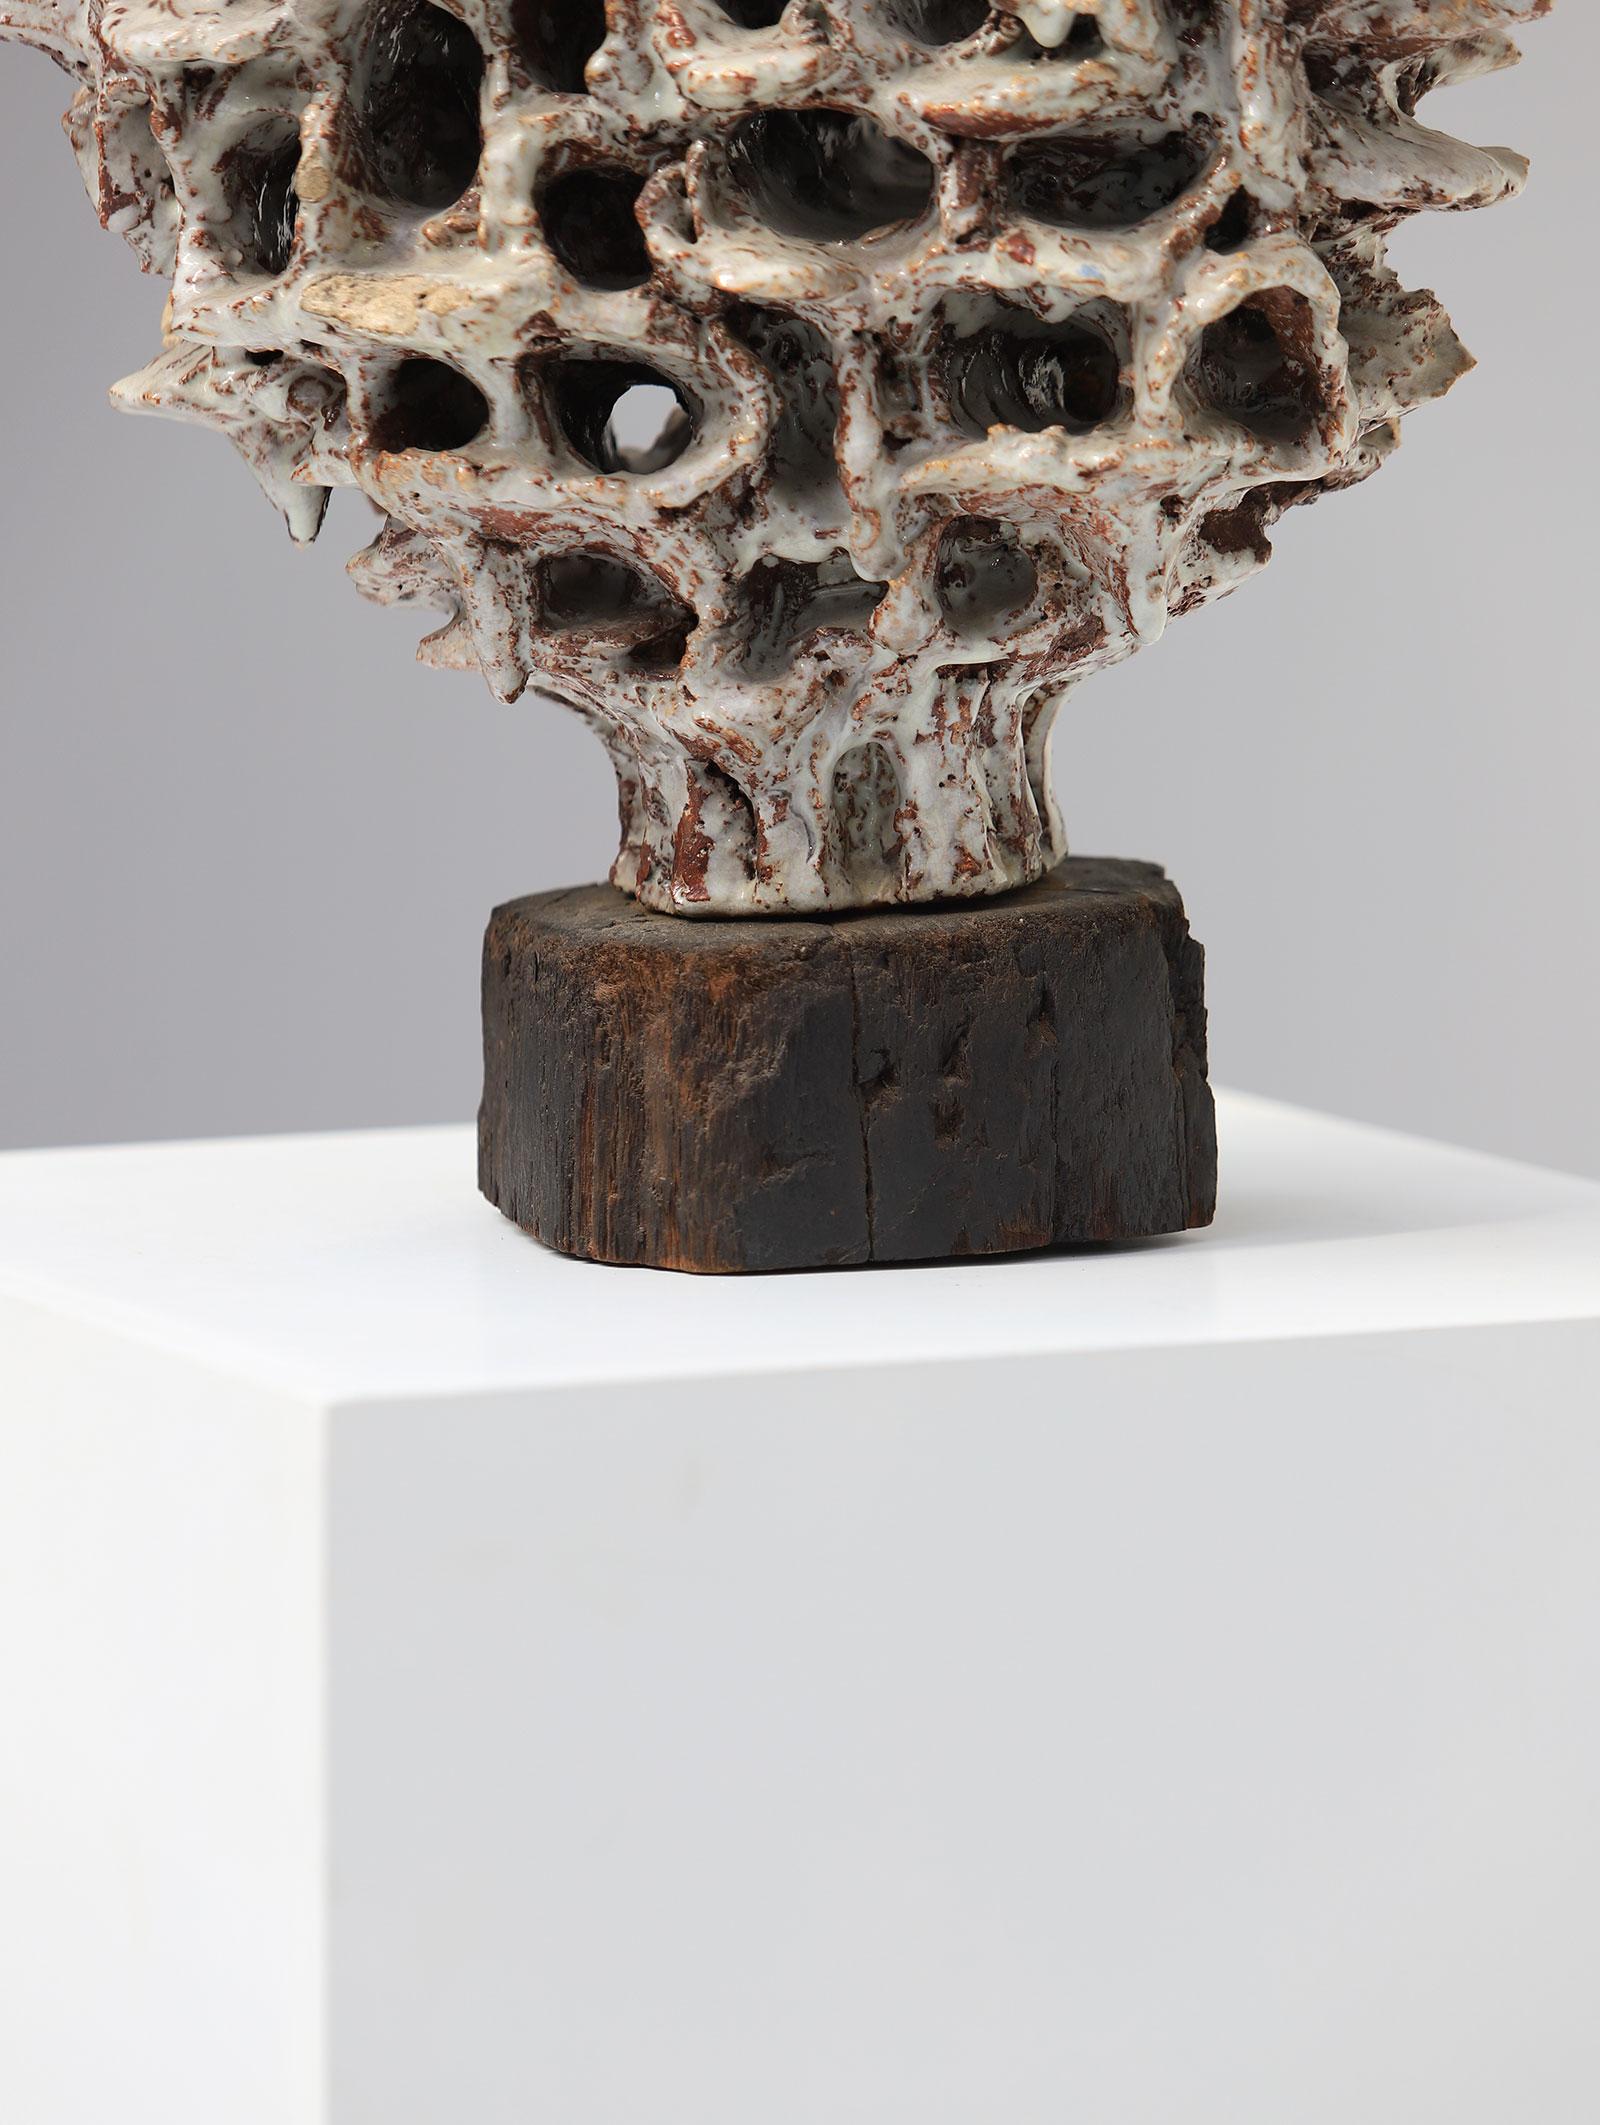 60s ceramic sculpture artwork